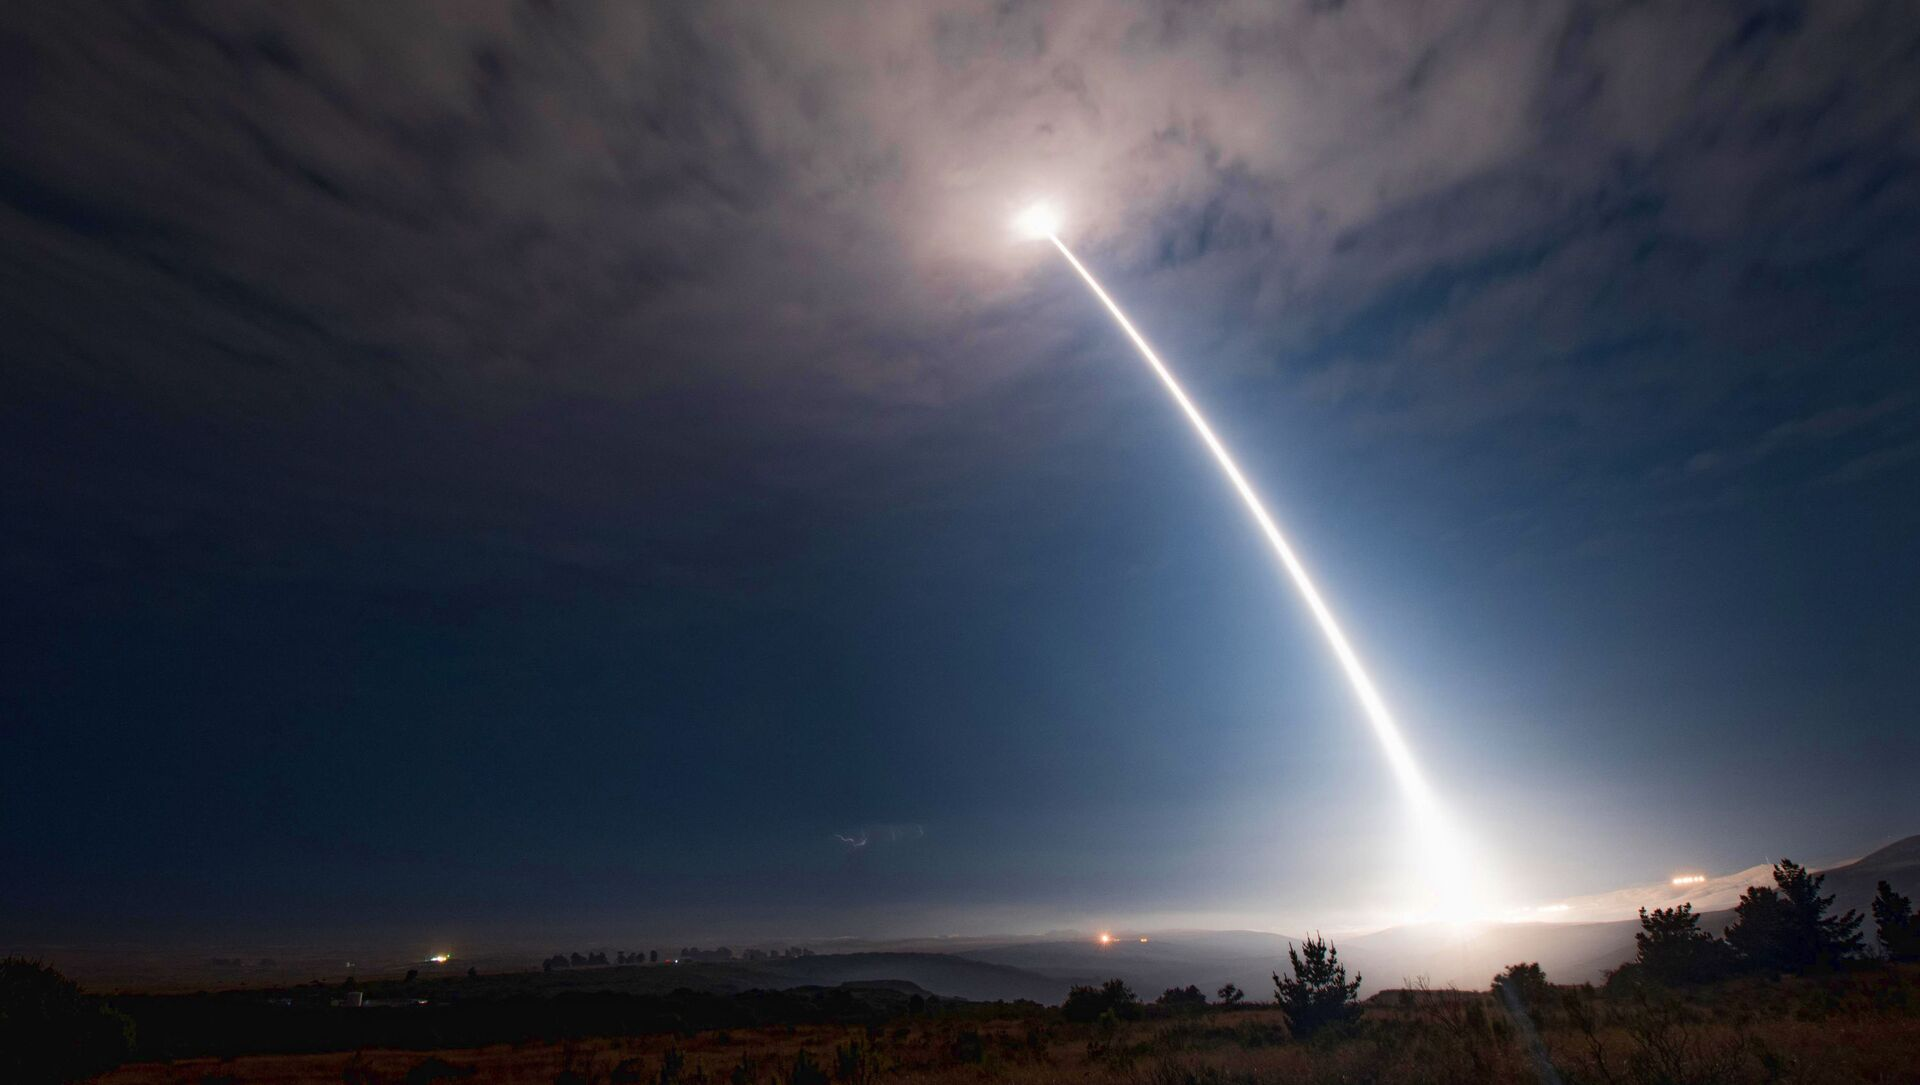 Tên lửa đạn đạo xuyên lục địa Minuteman III của Mỹ. - Sputnik Việt Nam, 1920, 30.05.2021